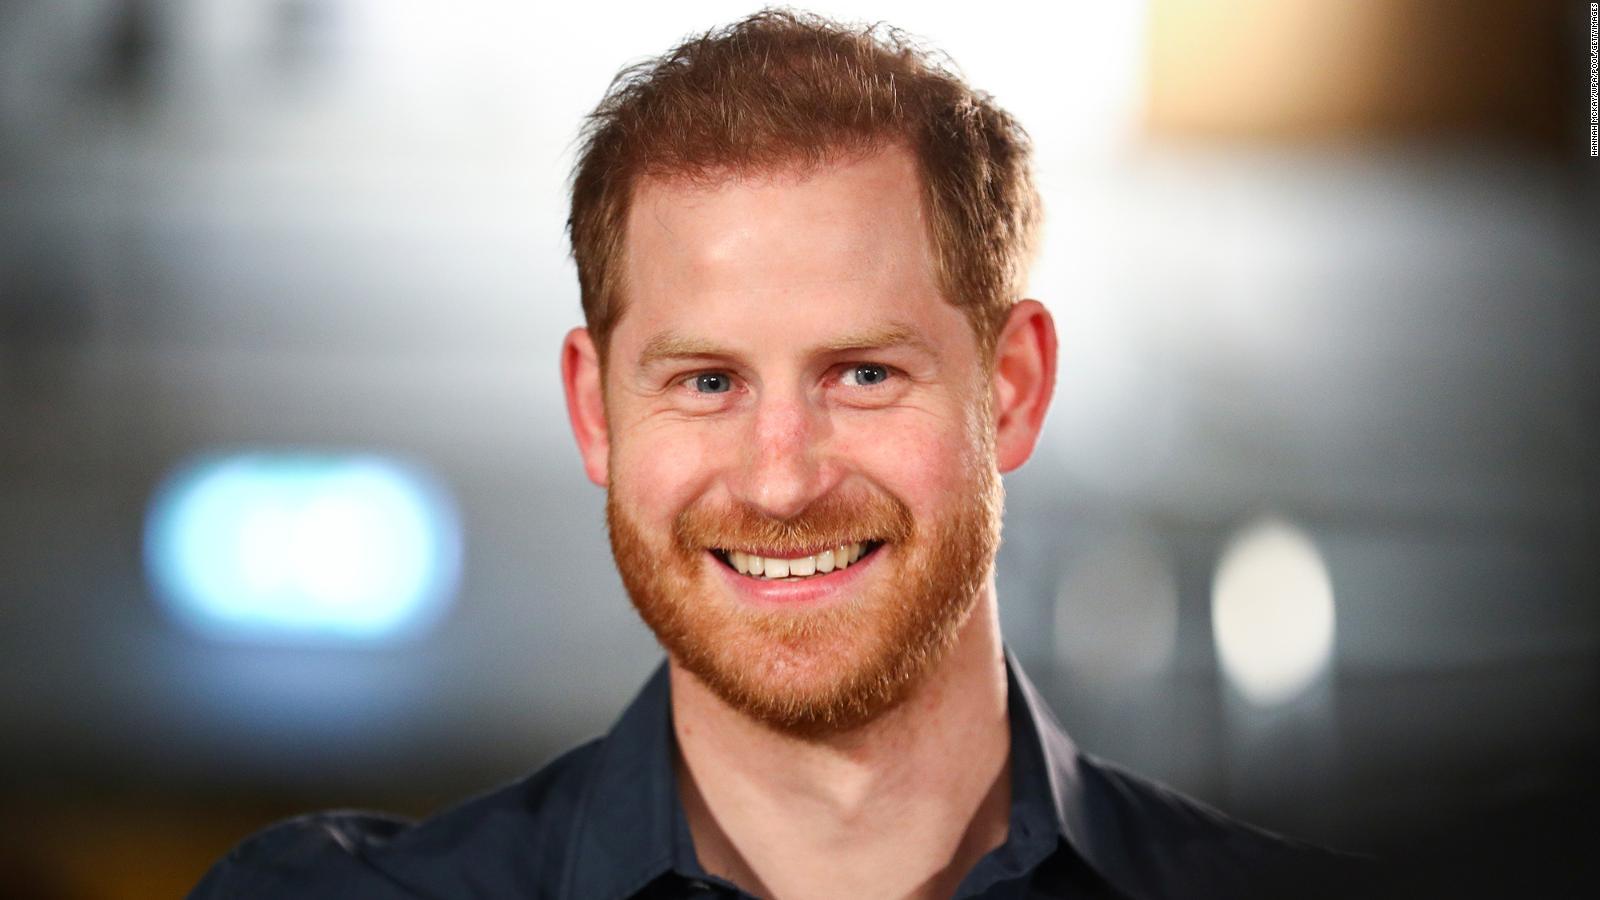 Así felicita la familia real británica al príncipe Harry en su cumpleaños | Video